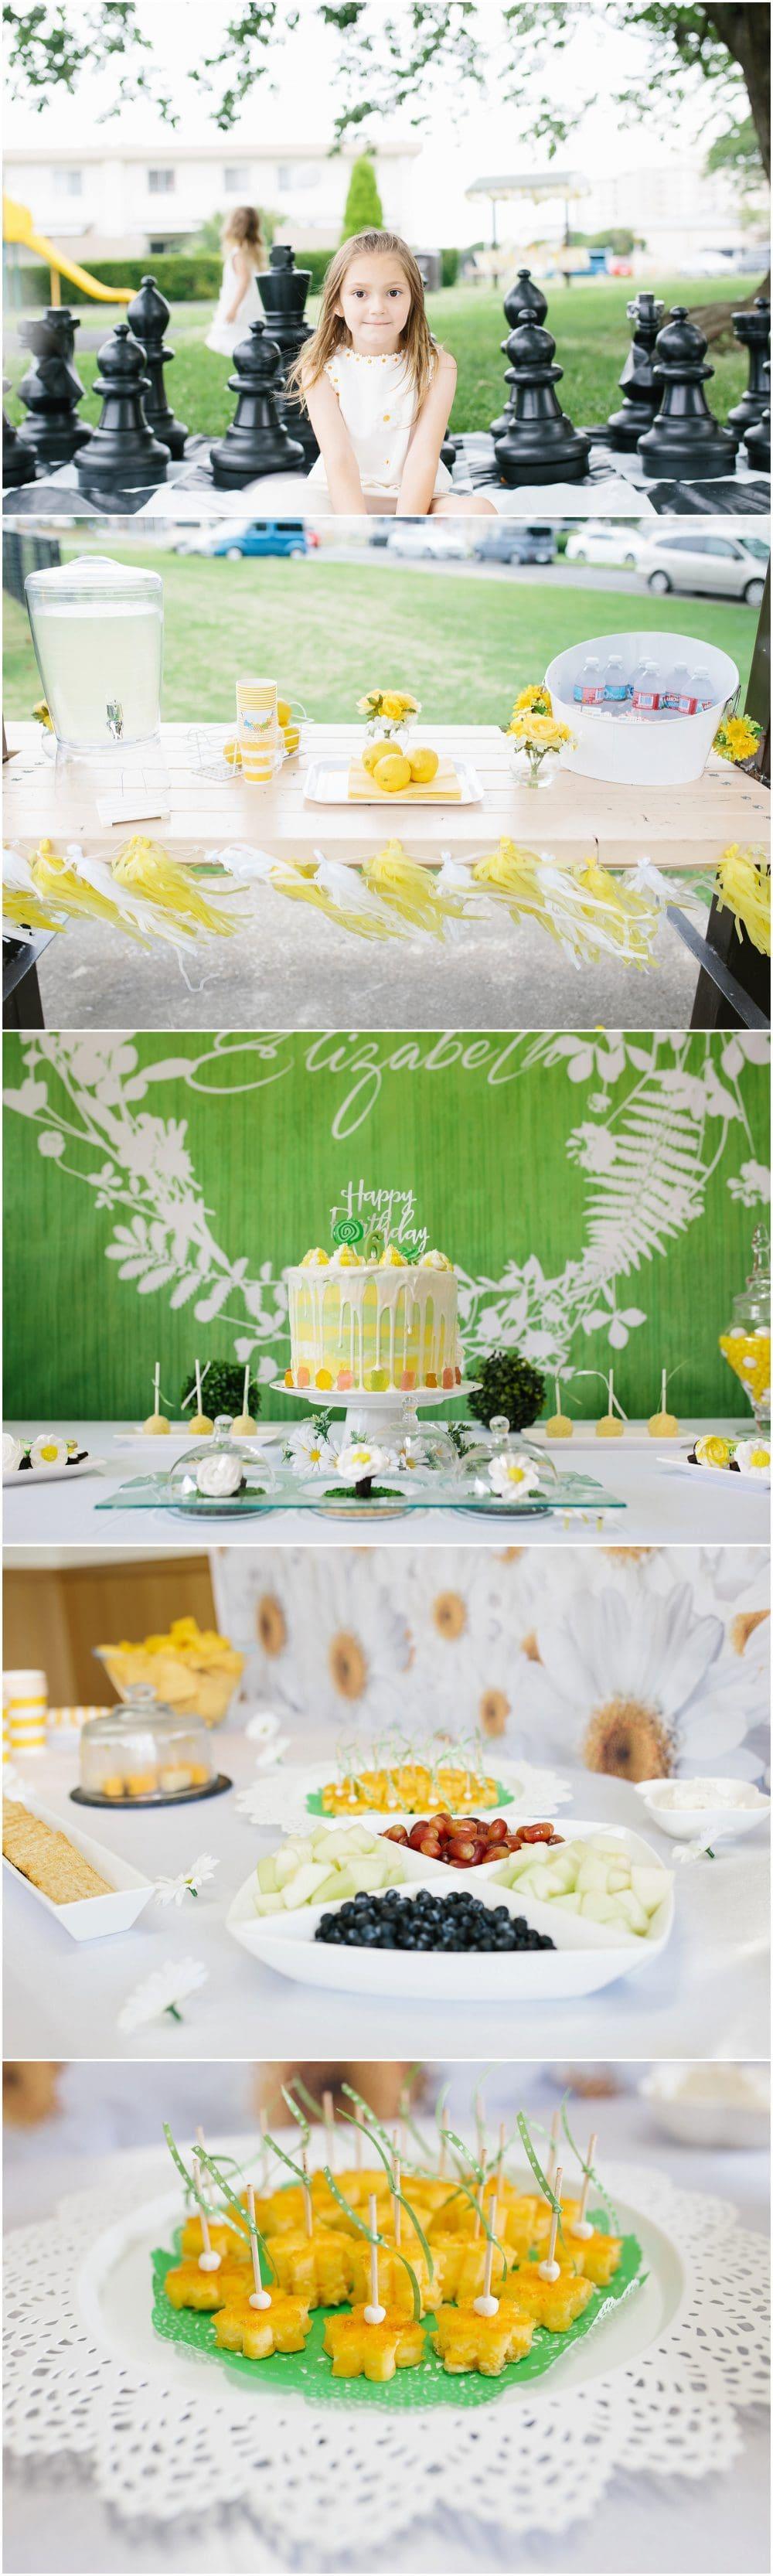 Cute Daisy Birthday Party